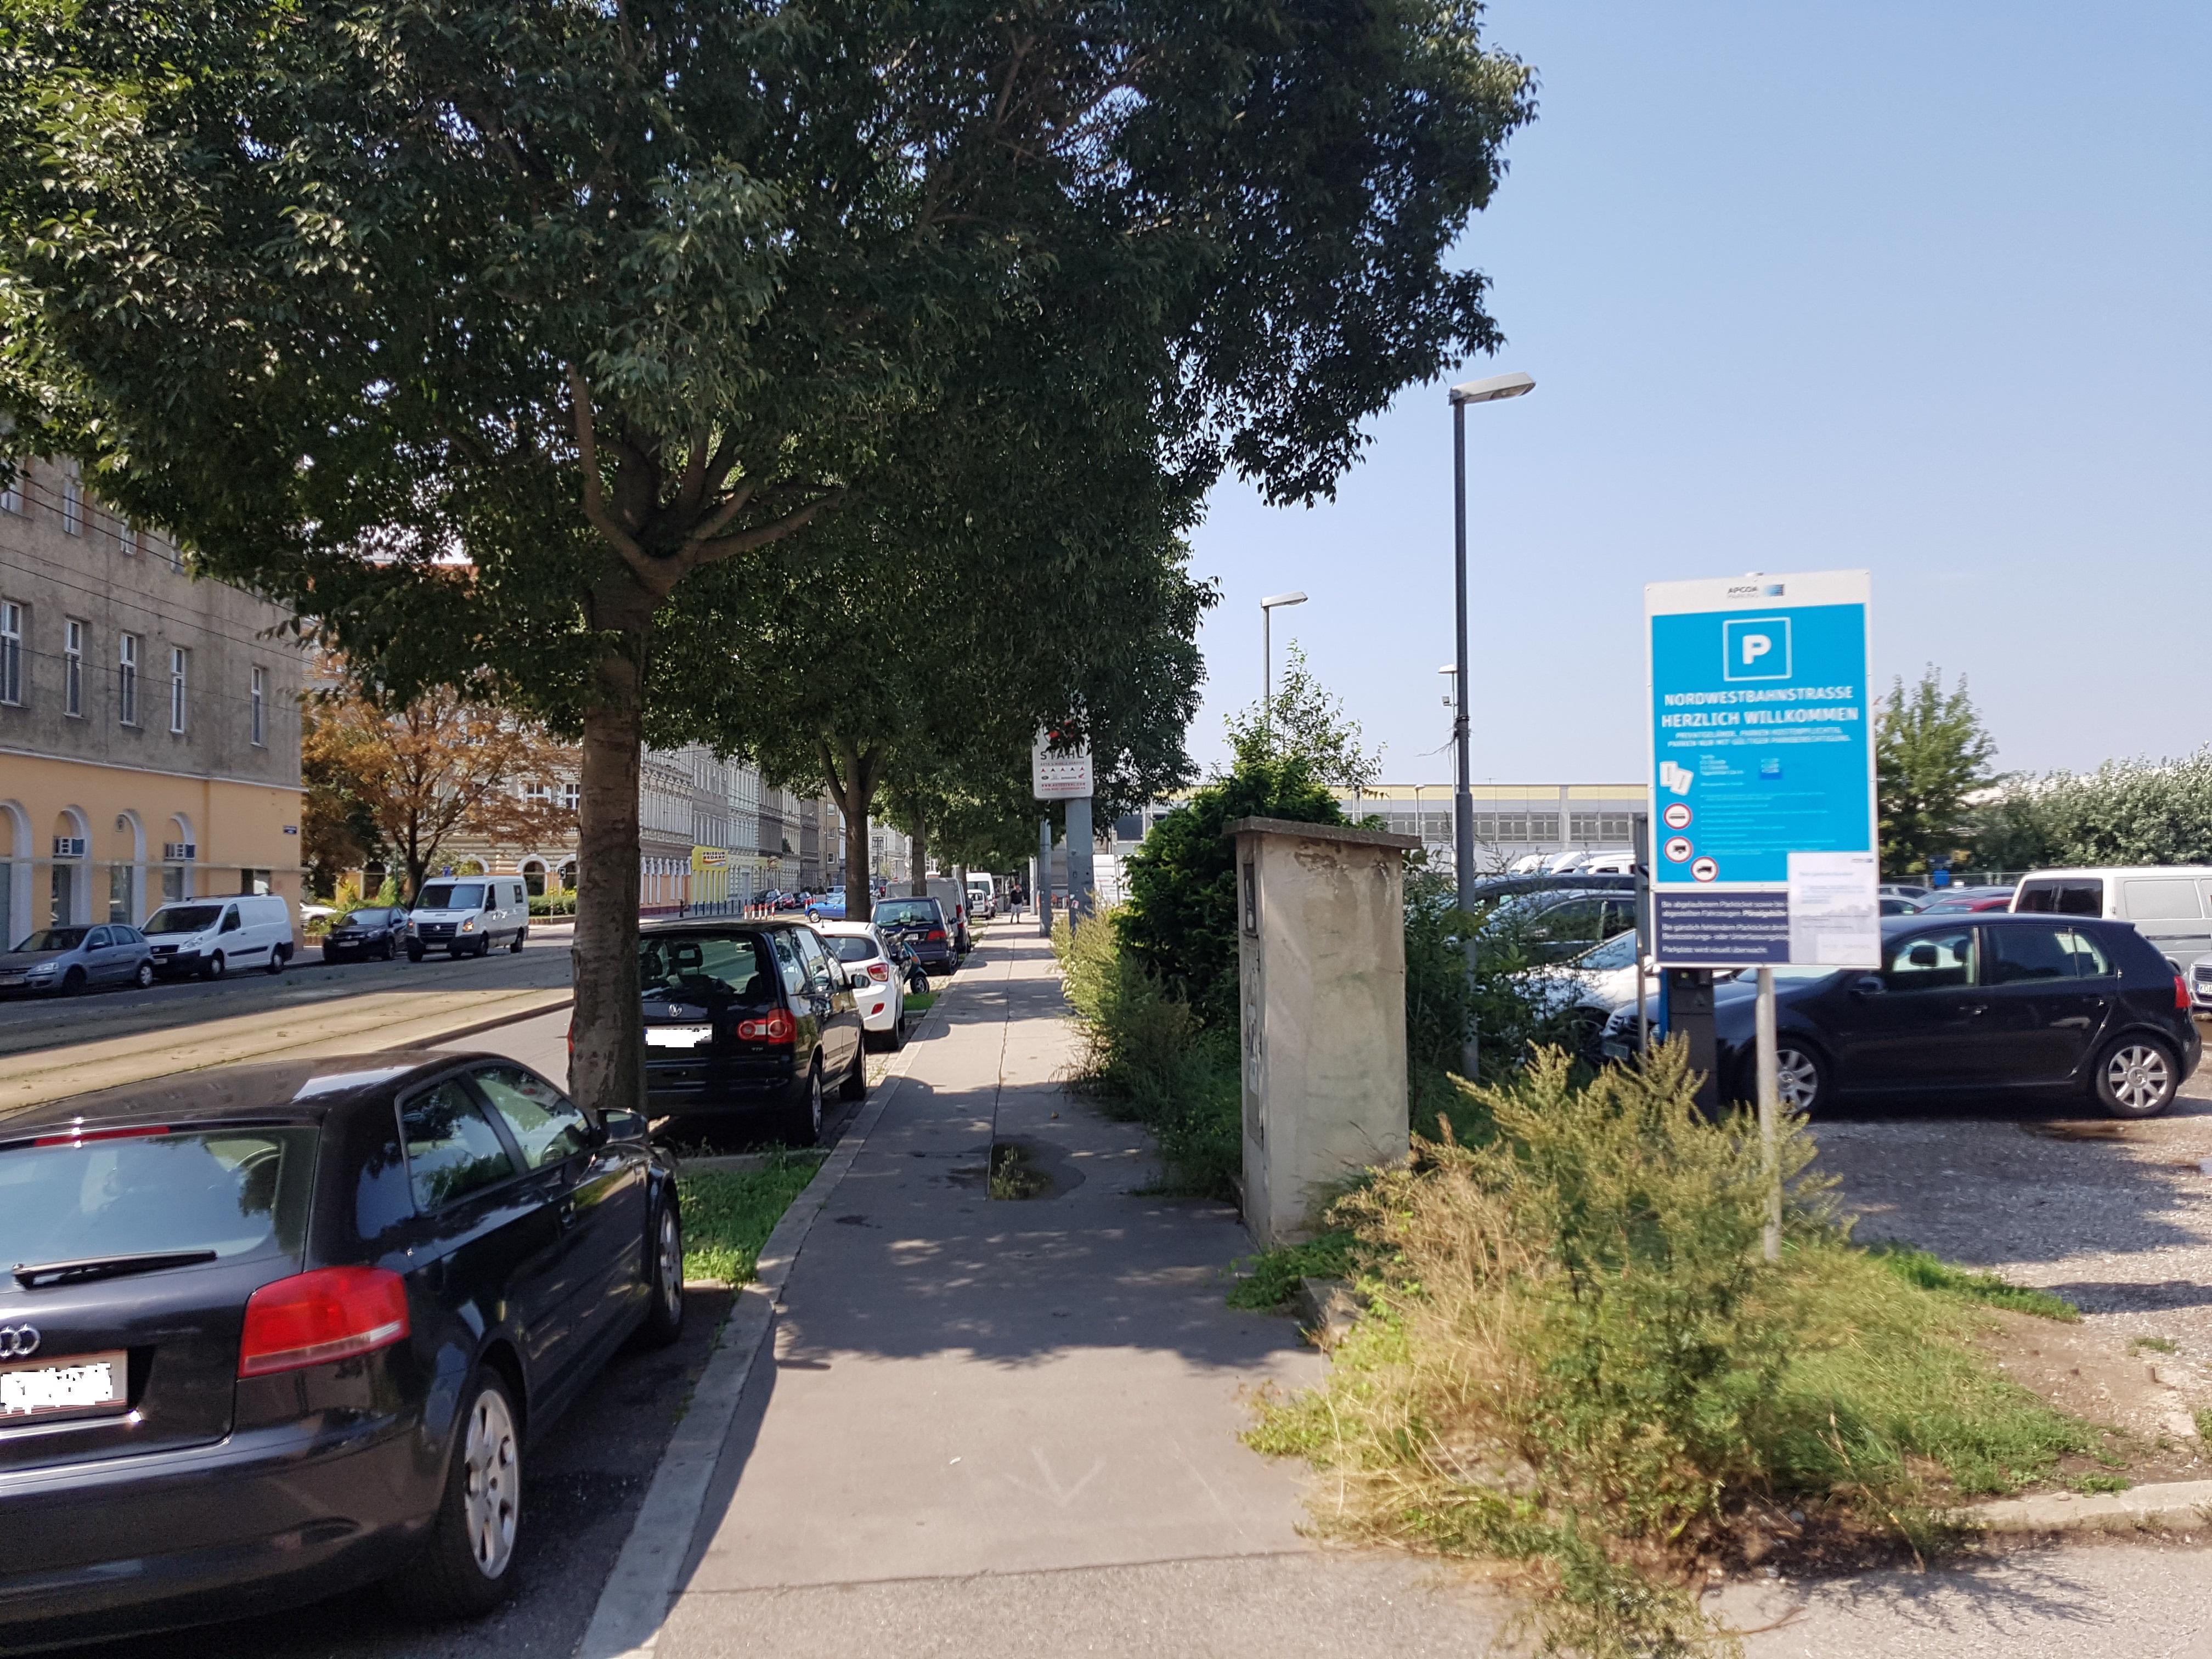 Parken In Parkplatz Nordwestbahnstraße Wien Apcoa Apcoa Parking